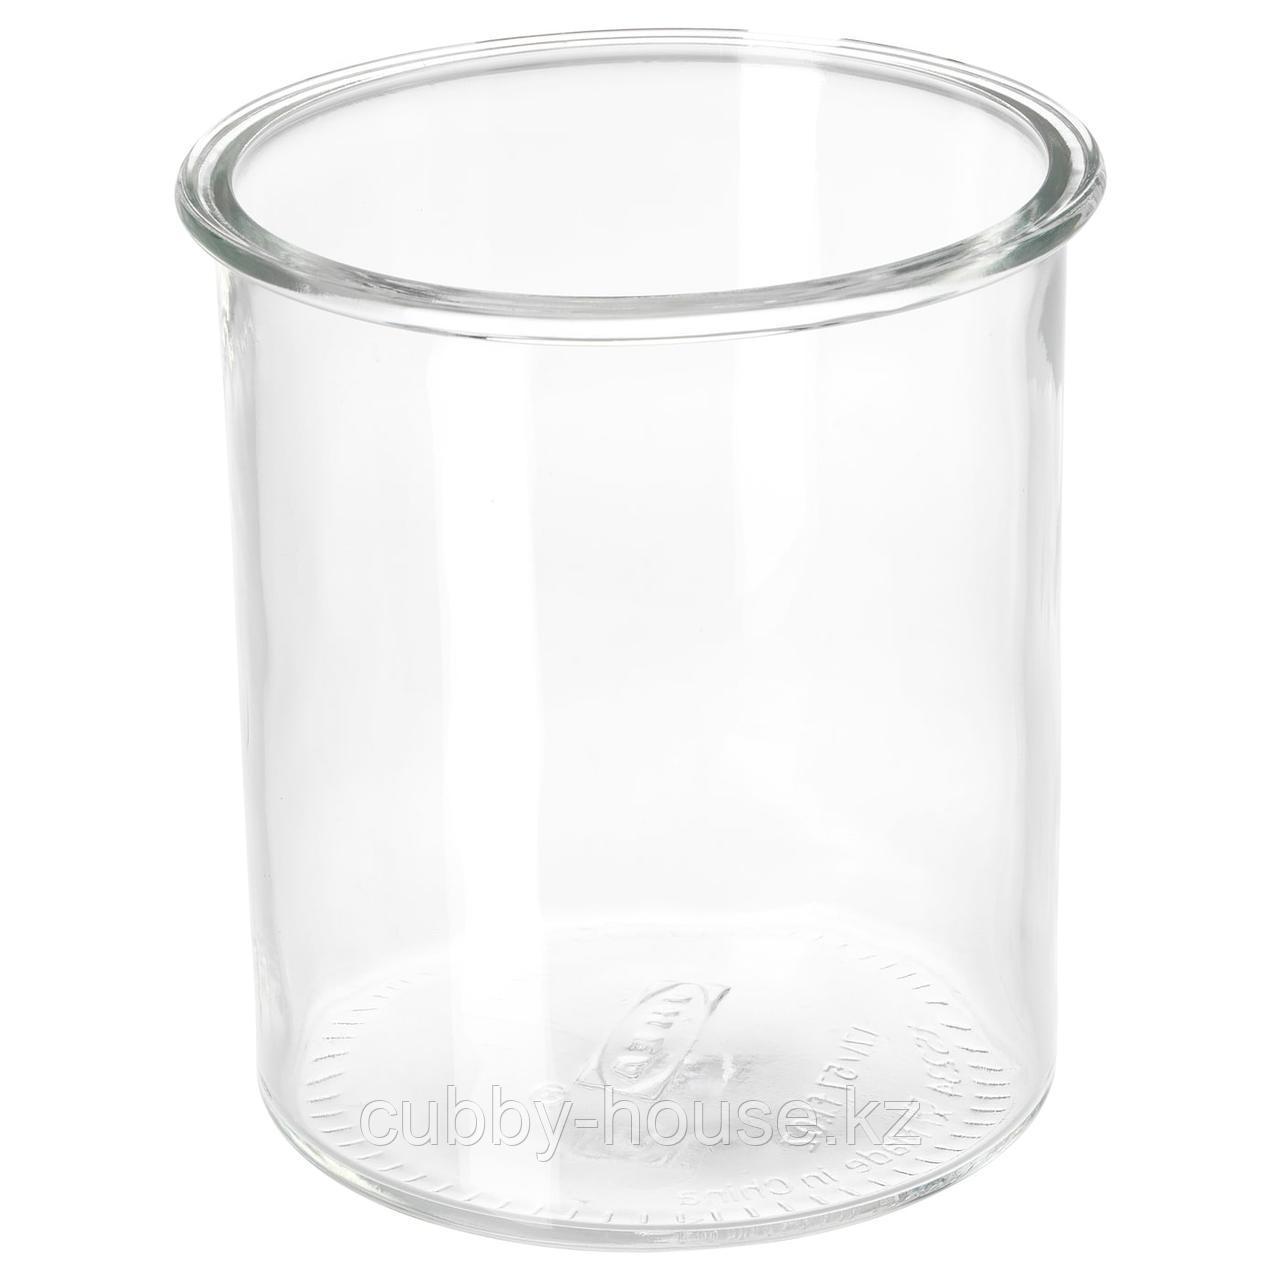 ИКЕА/365+ Банка, круглой формы, стекло, 1.7 л